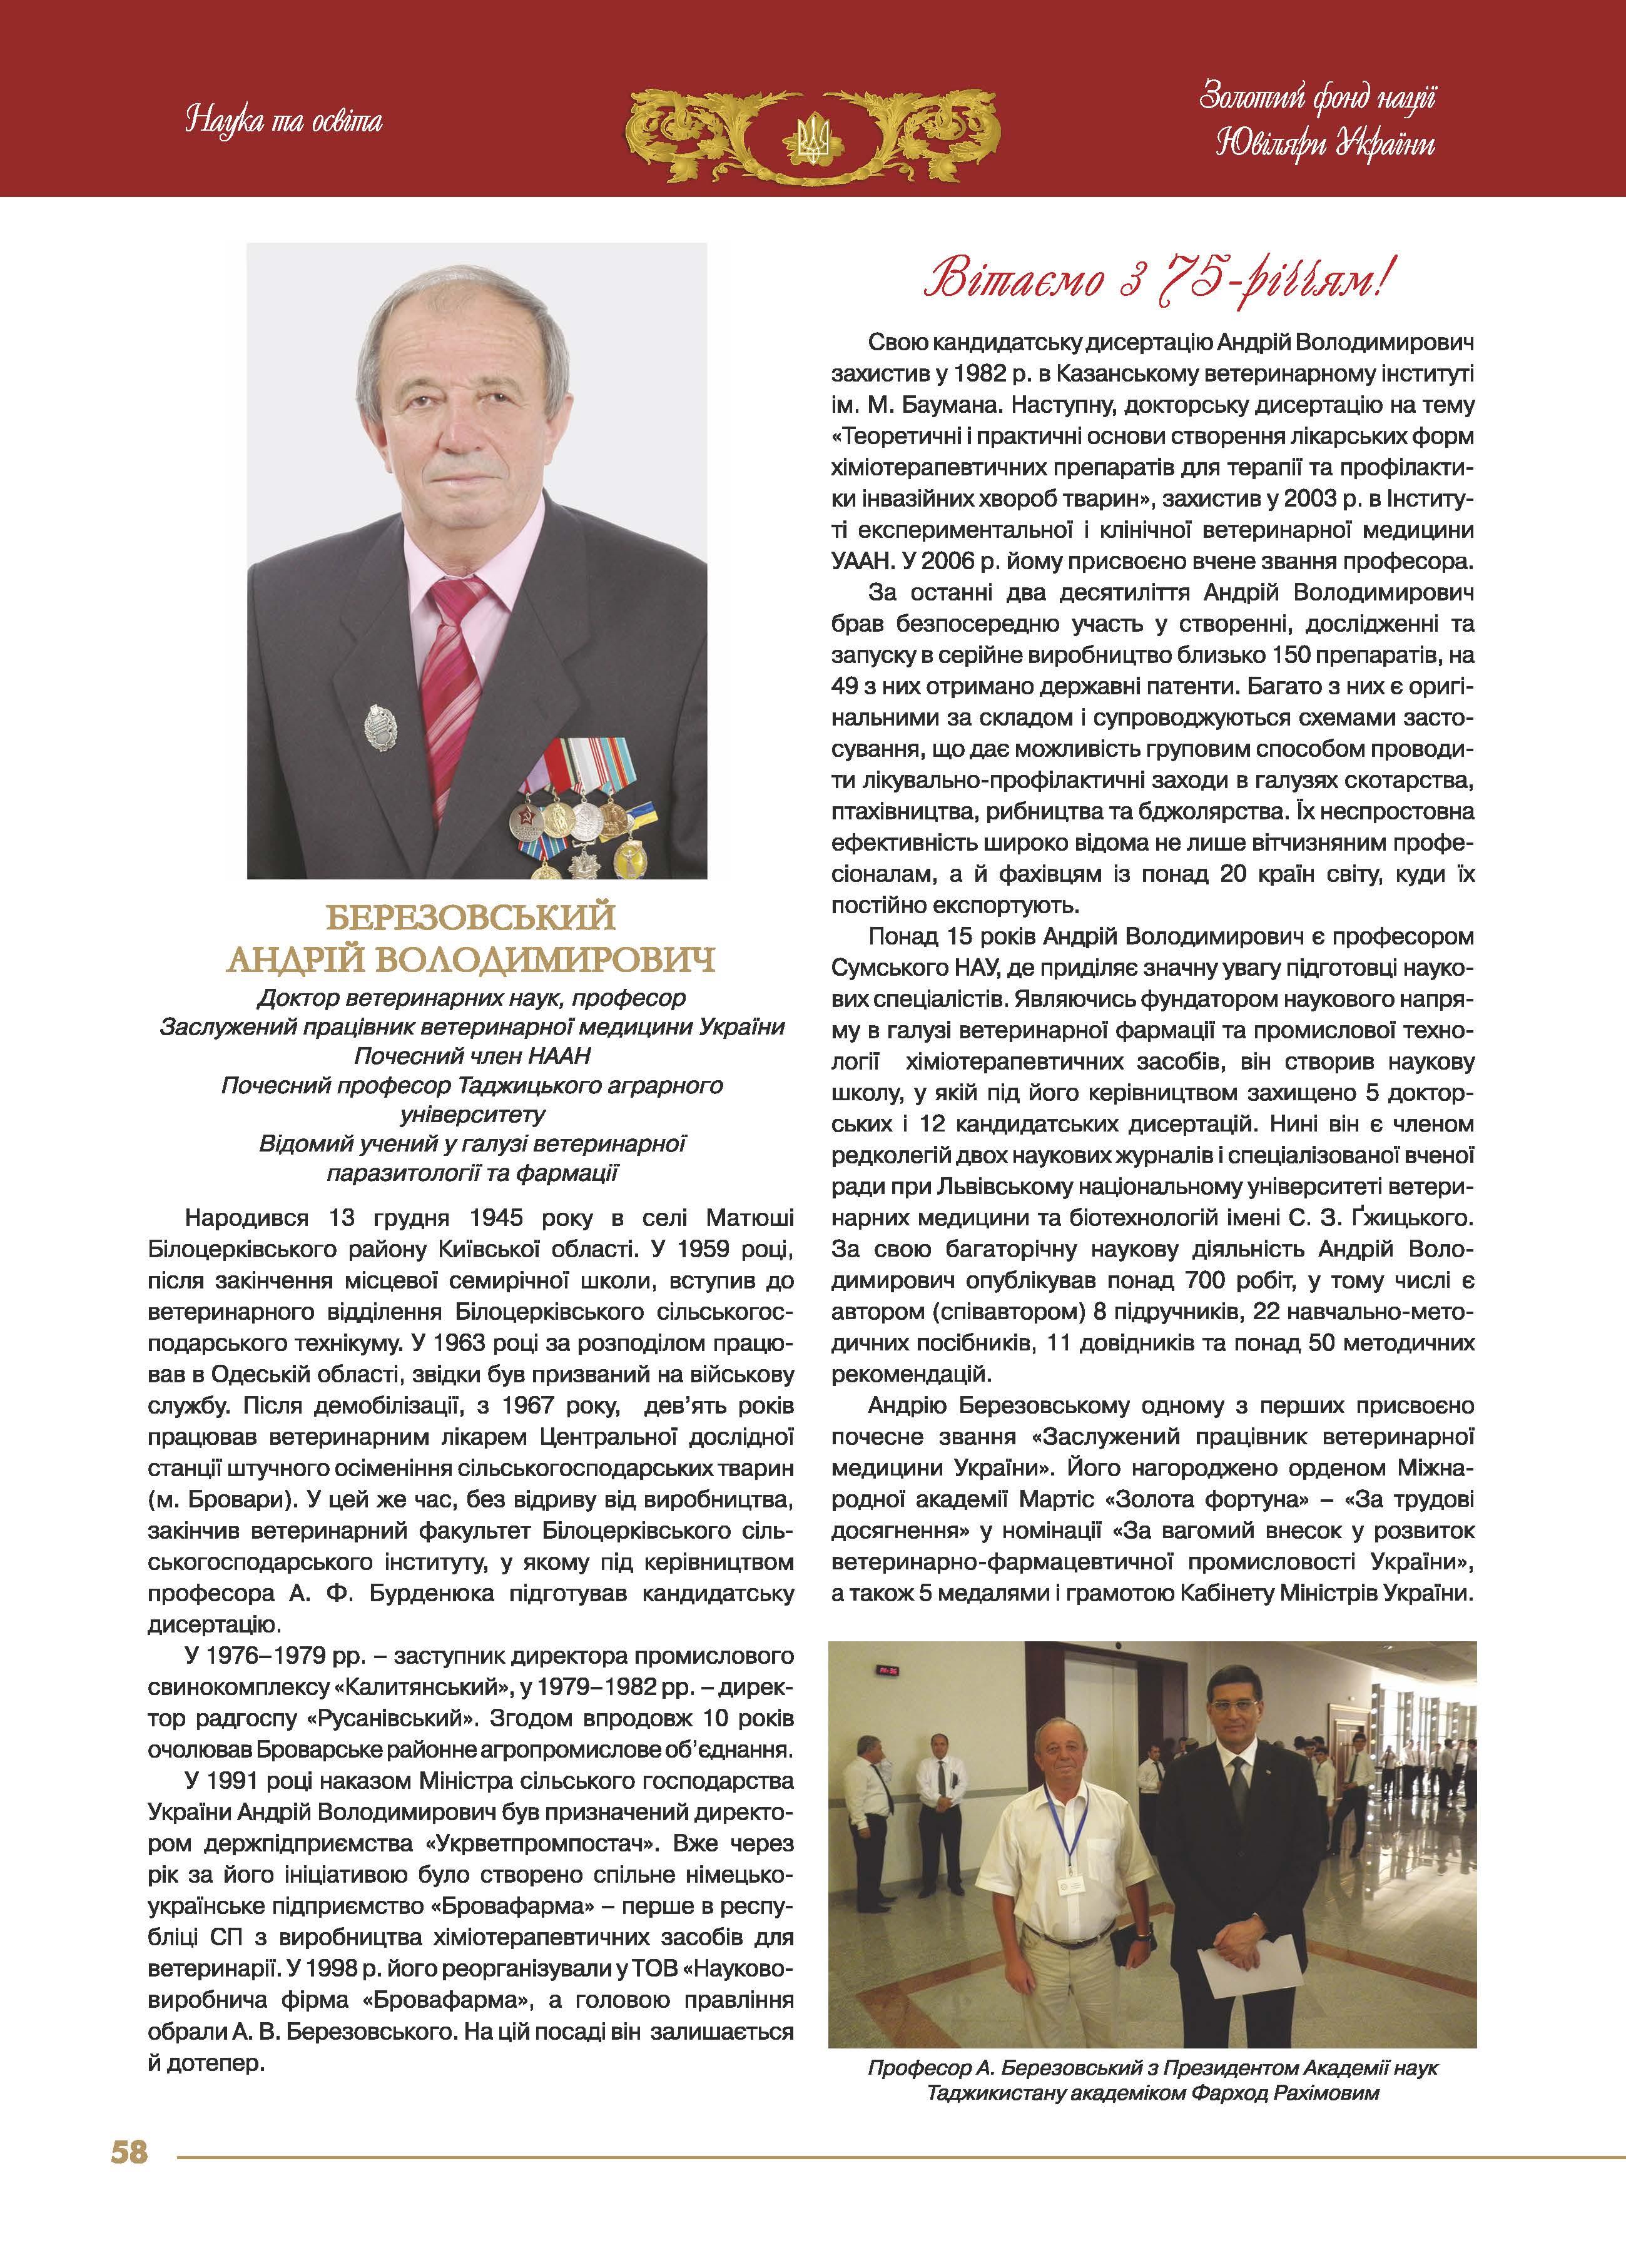 Березовський Андрій Володимирович